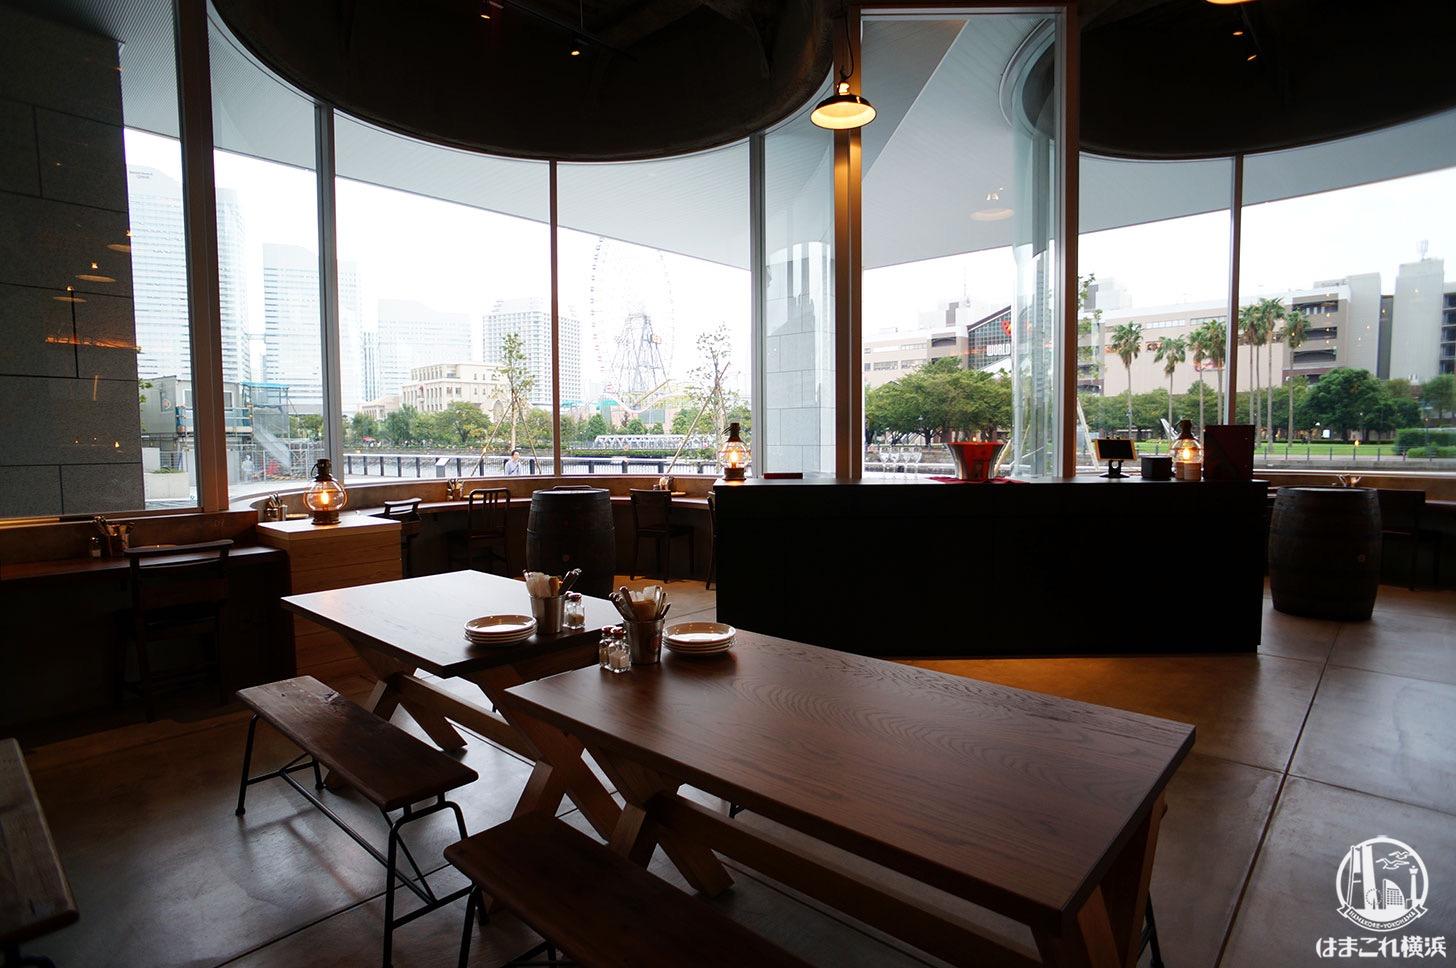 アパホテル&リゾート 横浜ベイタワー 1階レストラン